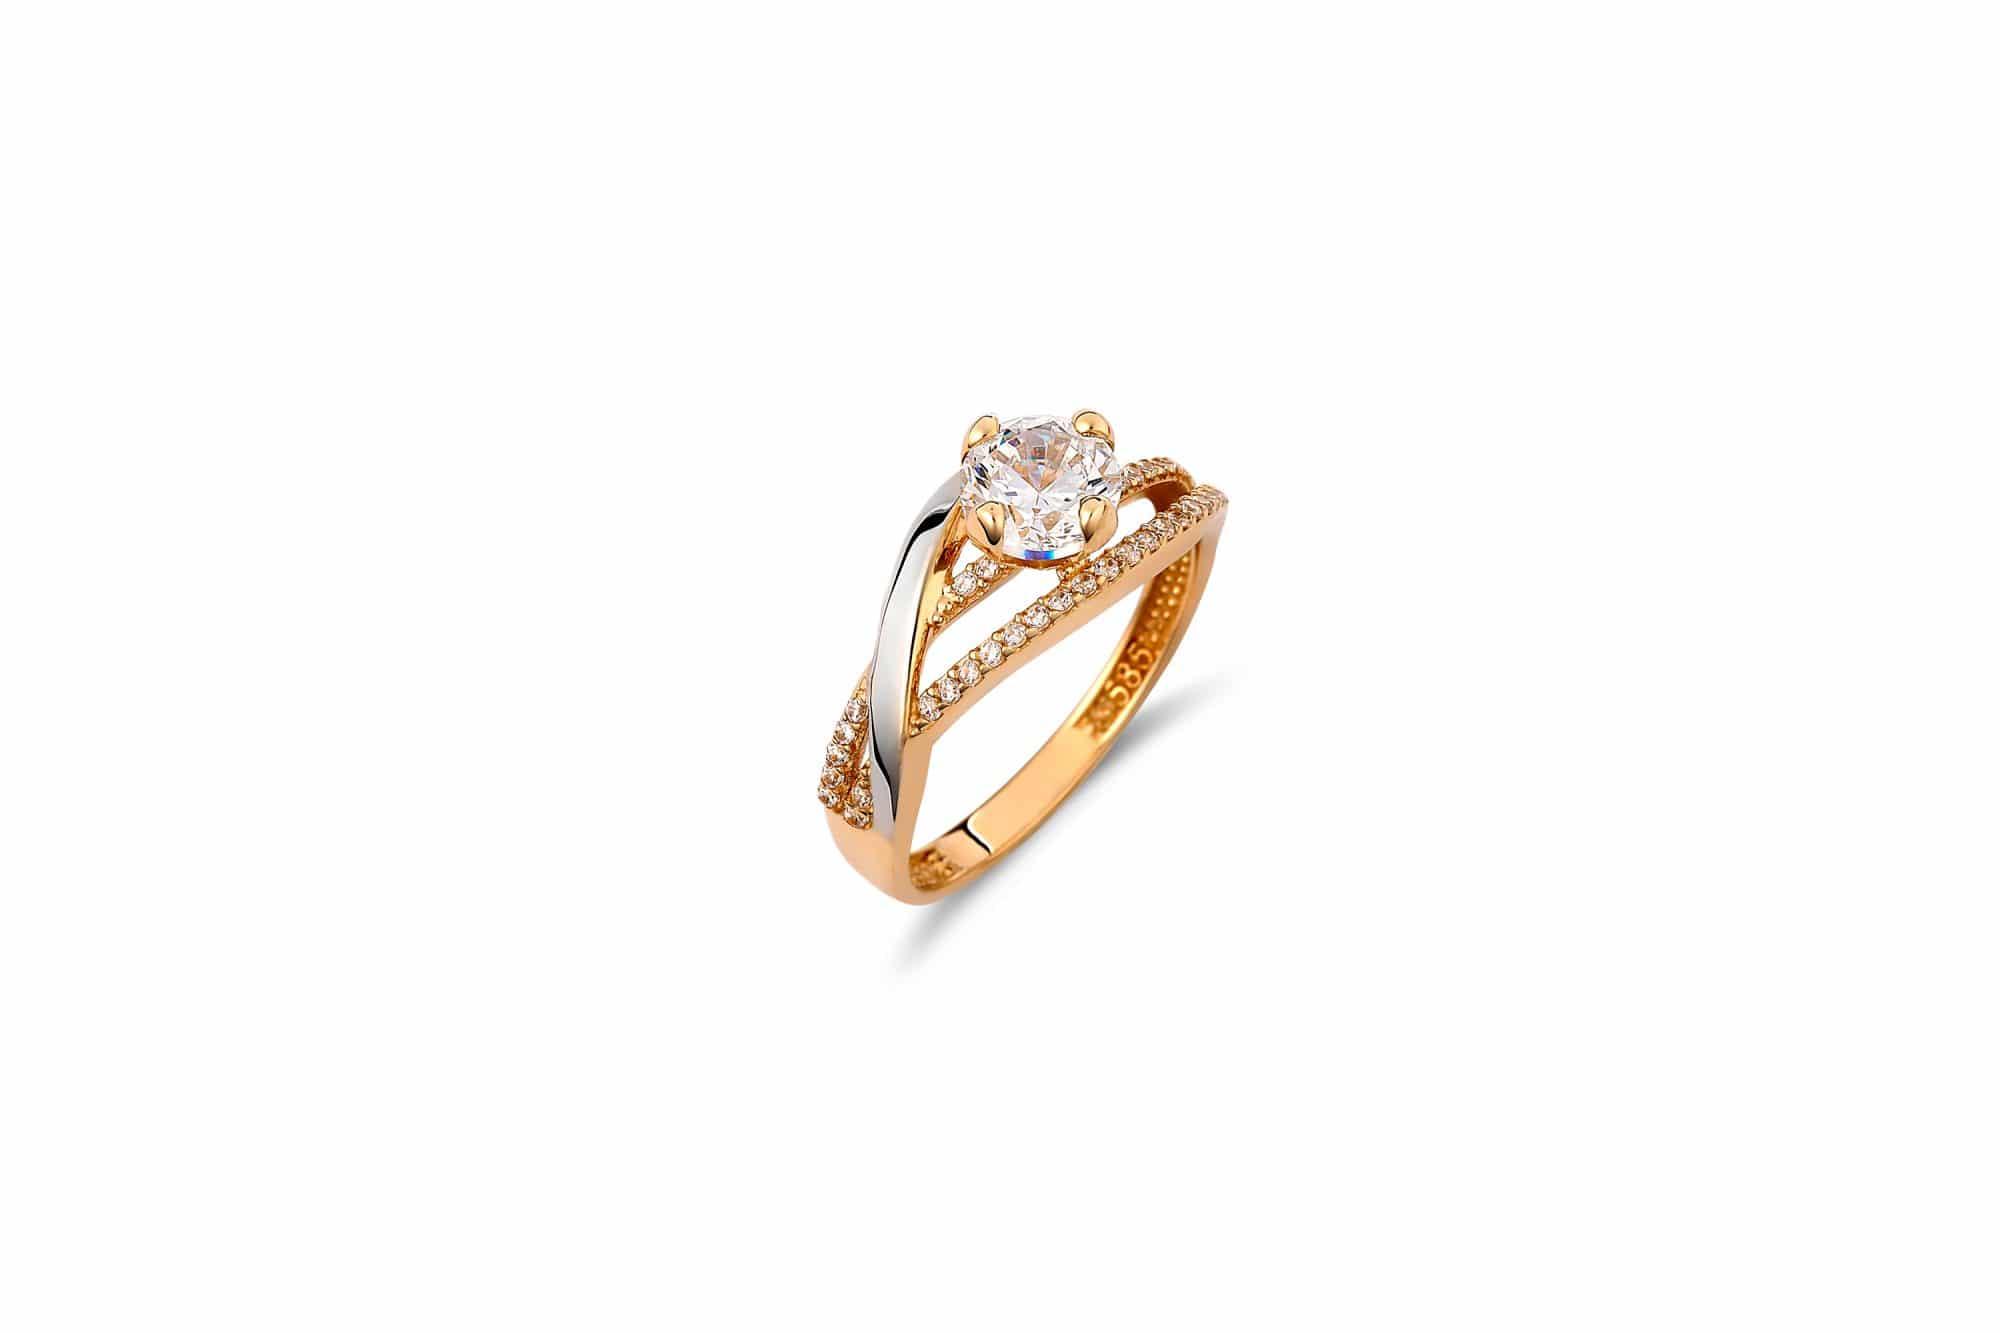 Μονόπετρο Σειρέ Χρυσό Καιamp  Λευκόχρυσο Με Ζιργκόν – Jewelor d566d504378